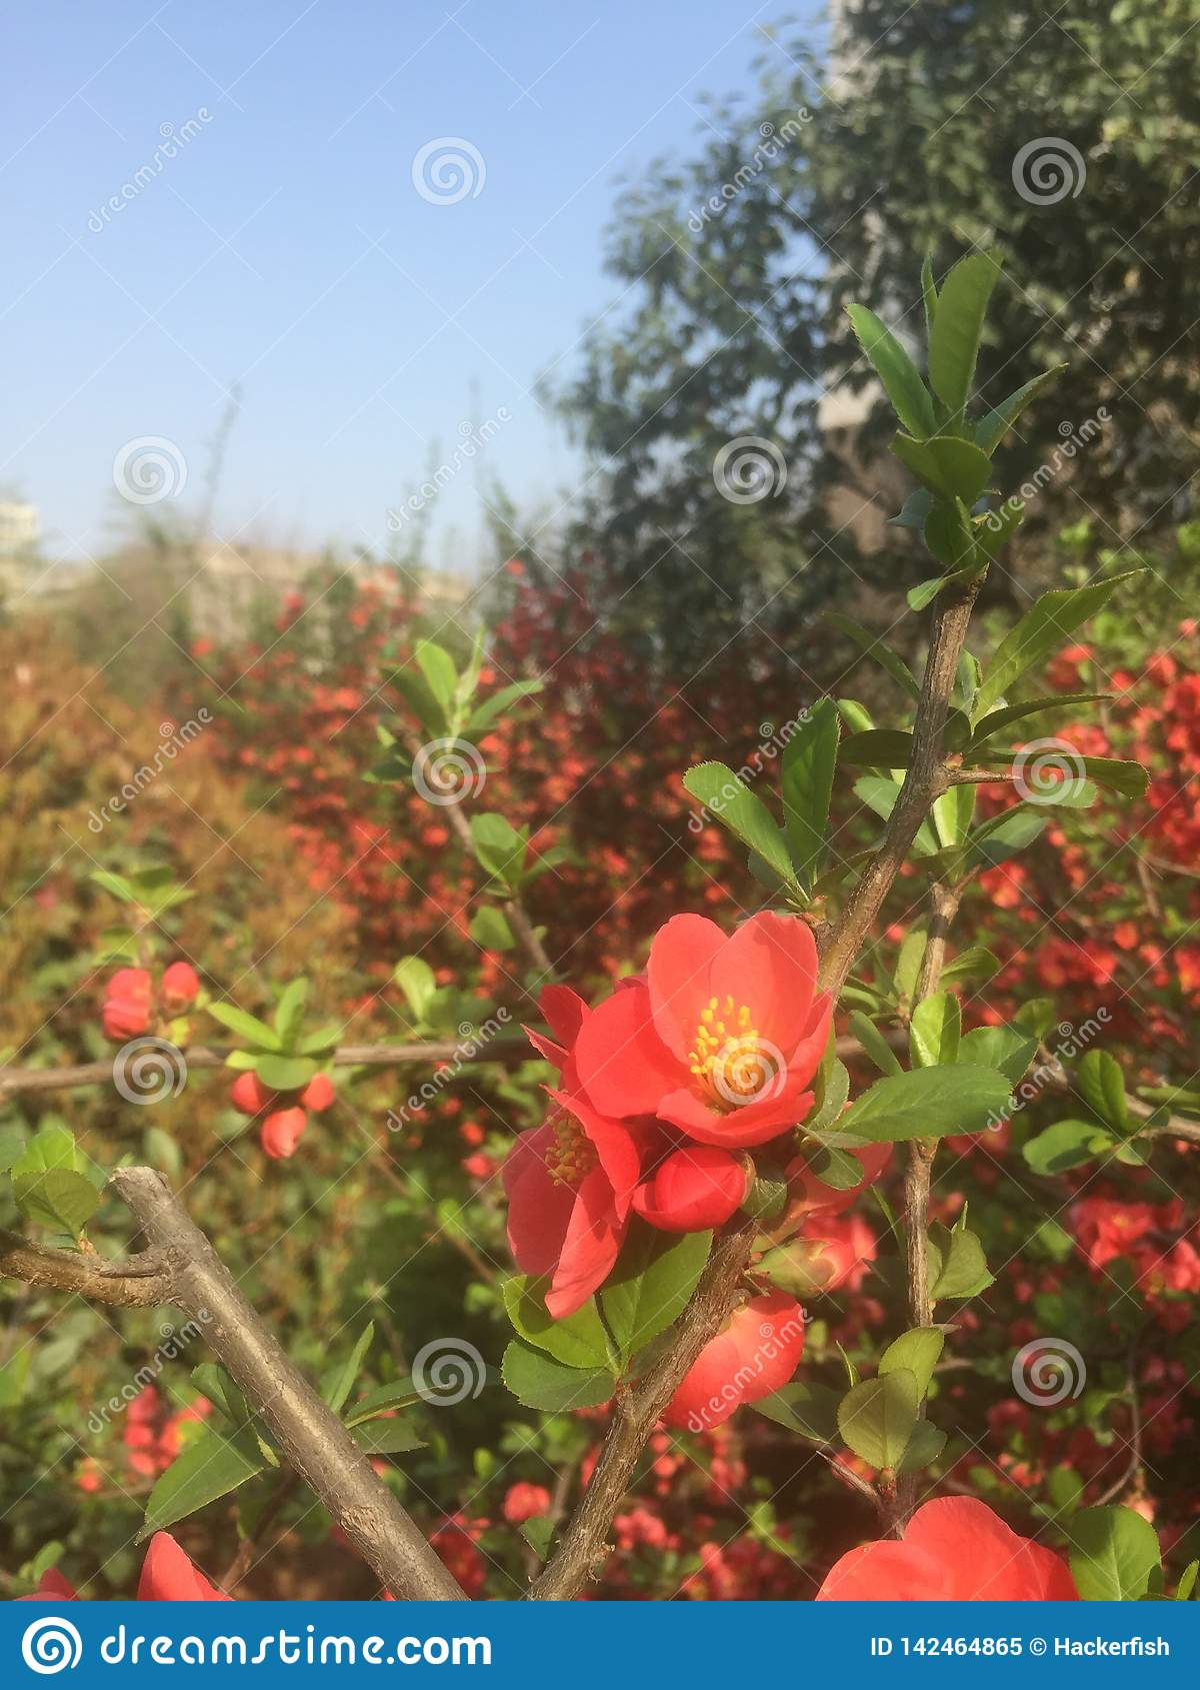 Много красивых красных небольших цветков в предыдущей весне